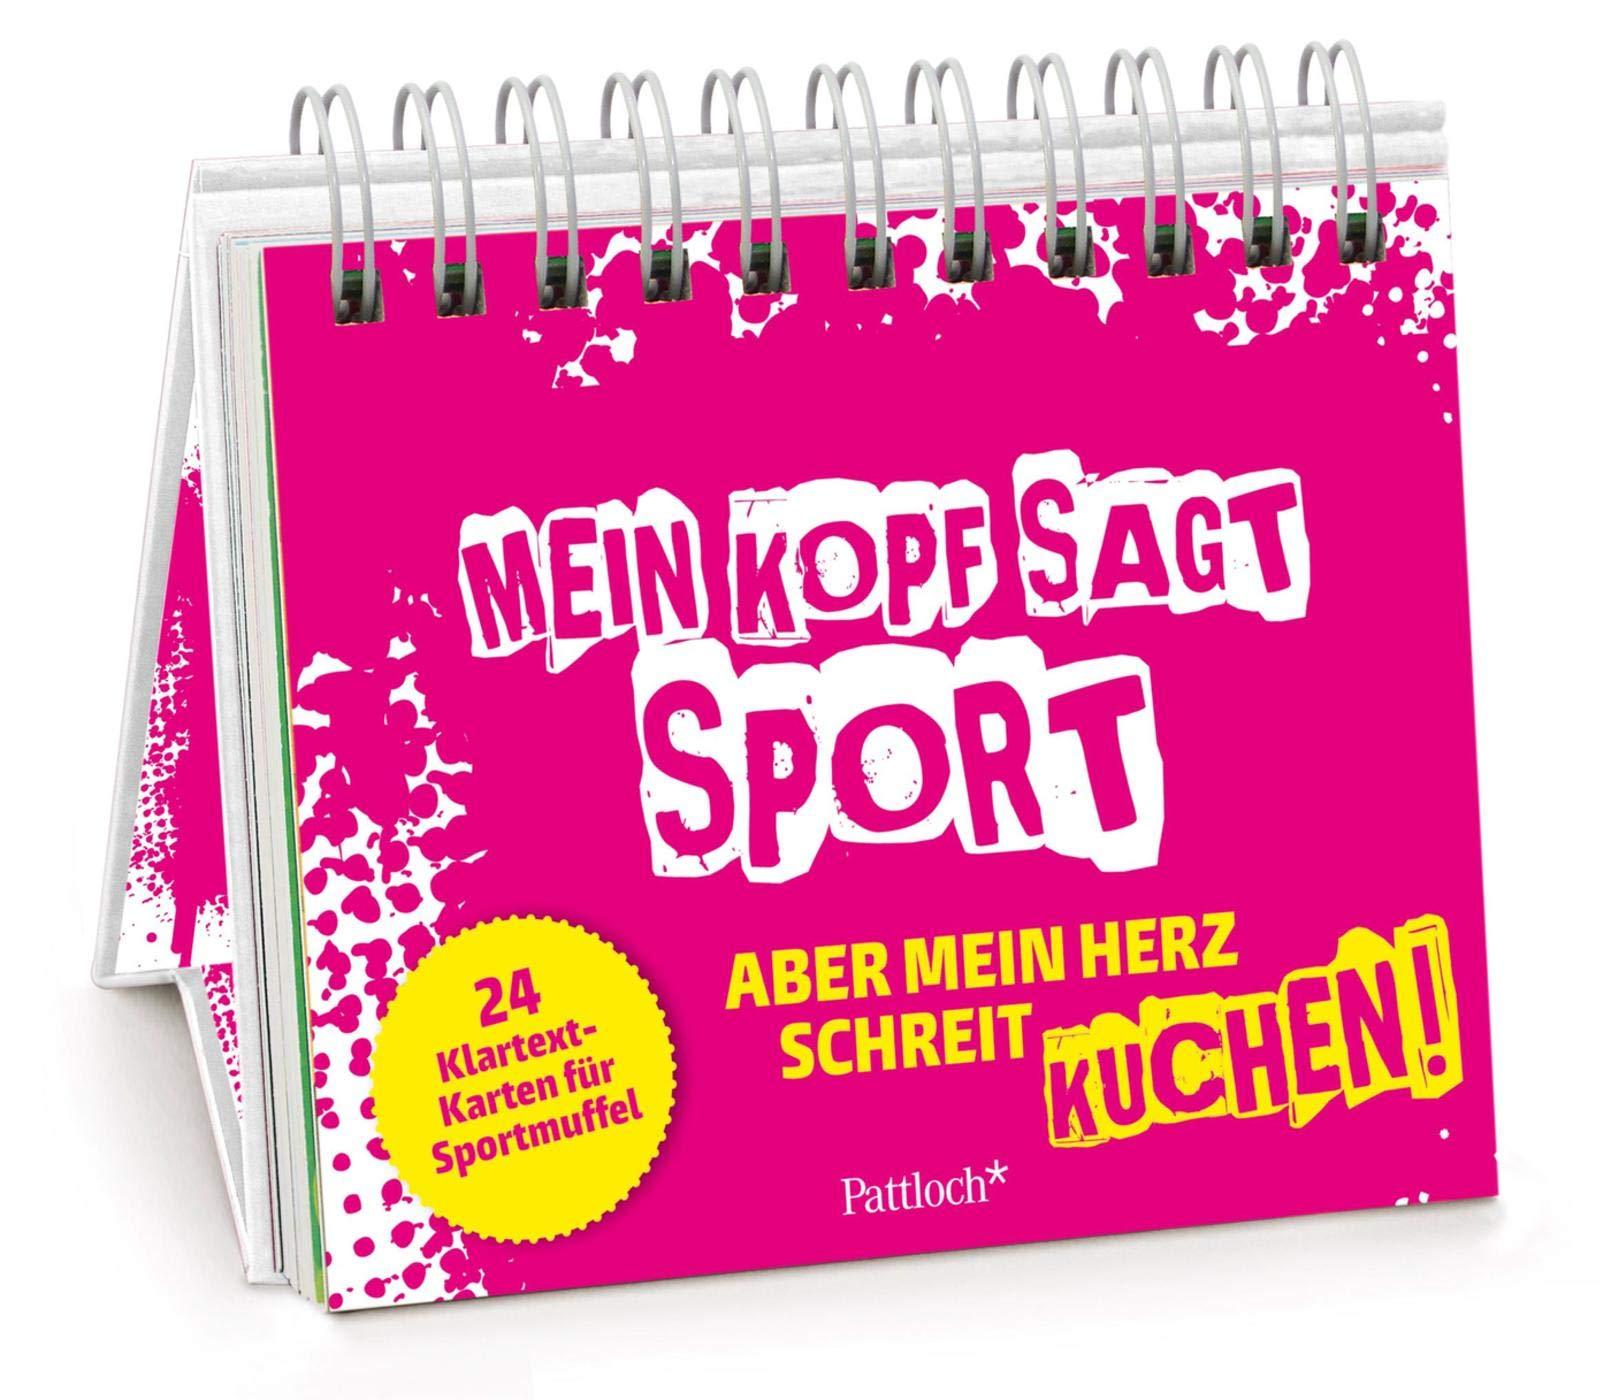 Mein Kopf sagt Sport, aber mein Herz schreit Kuchen: 24 Klartext-Karten für Sportmuffel